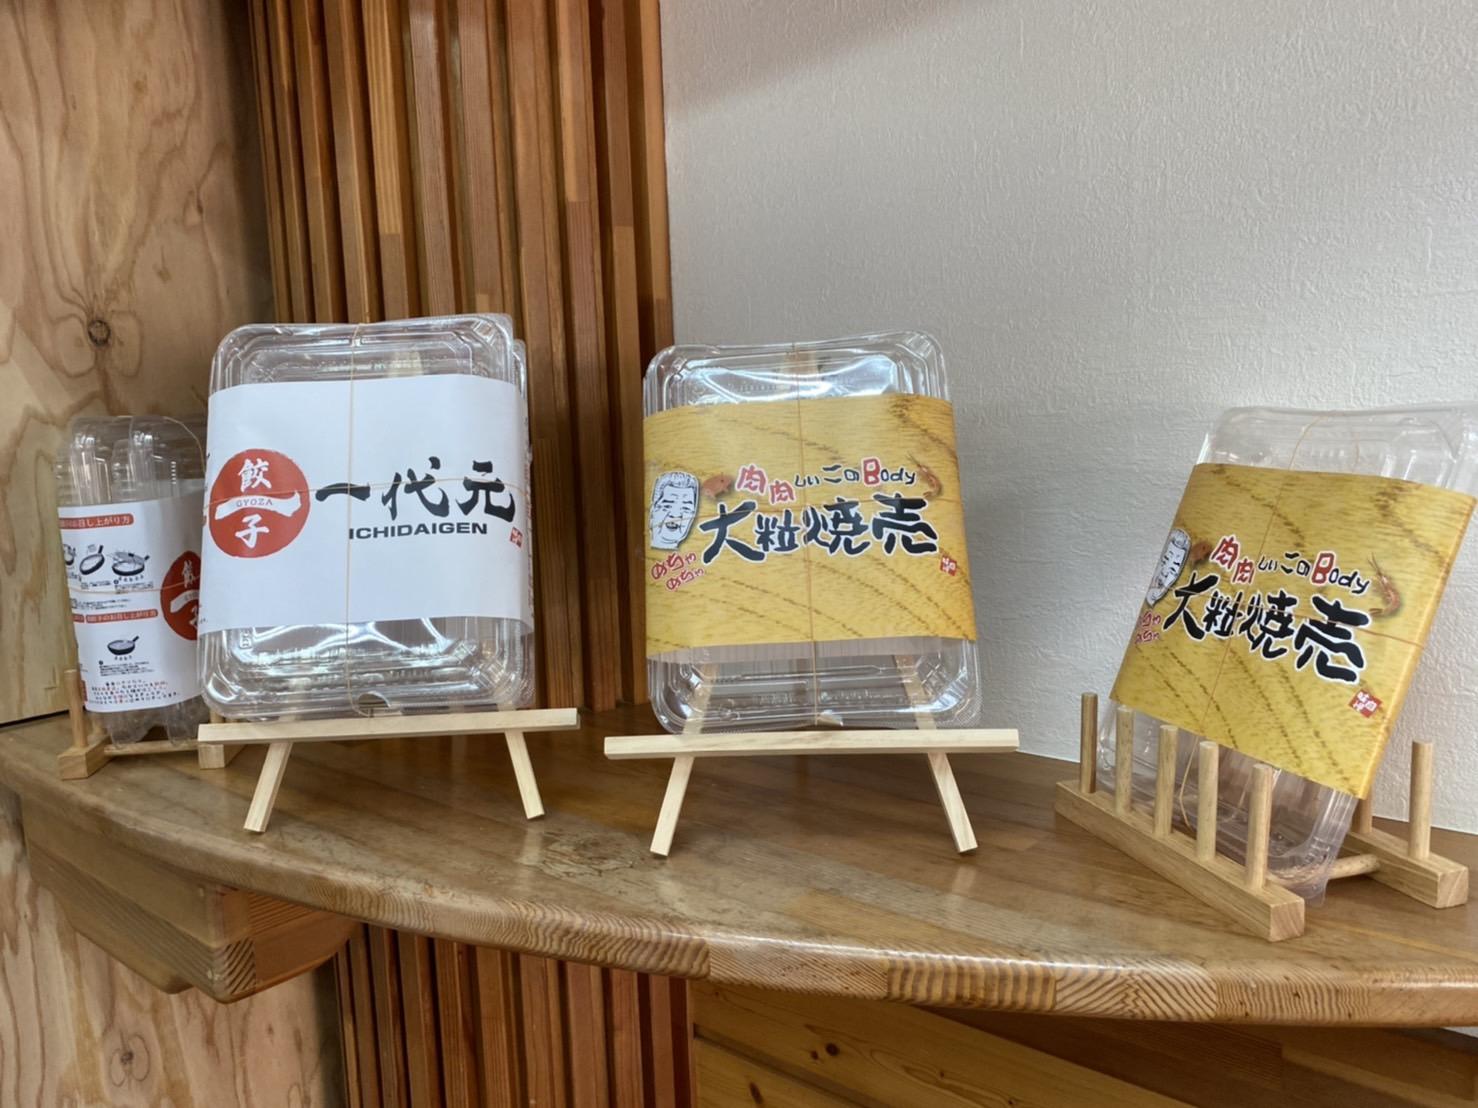 餃子・焼売のパッケージ